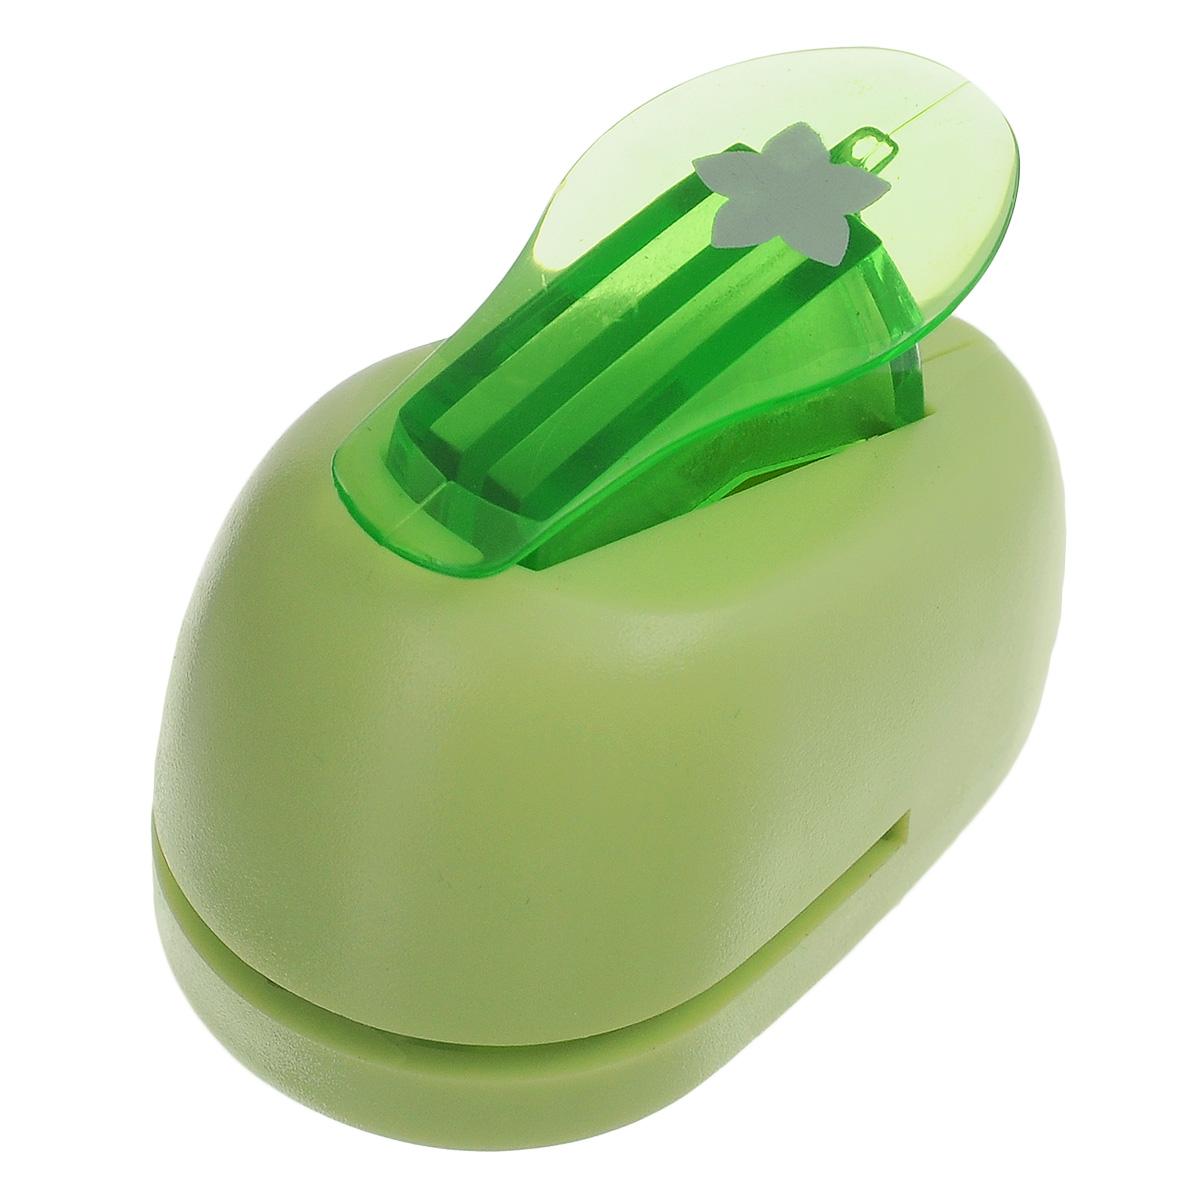 Дырокол фигурный Hobbyboom Цветок, №97, цвет: зеленый, 1 смCD-99XS-097 зеленыйФигурный дырокол Hobbyboom Цветок, выполненный из металла и пластика, используется в скрапбукинге, для украшения открыток, карточек, коробочек и так далее. Рисунок прорези указан на ручке дырокола.Предназначен для прорезания фигурных отверстий в бумаге. Вырезанный элемент также можно использовать для украшения.Для работ используйте бумагу плотностью 80-200 г/м2. Размер дырокола: 5 см х 3 см х 4 см. Размер готовой фигурки: 1 см.